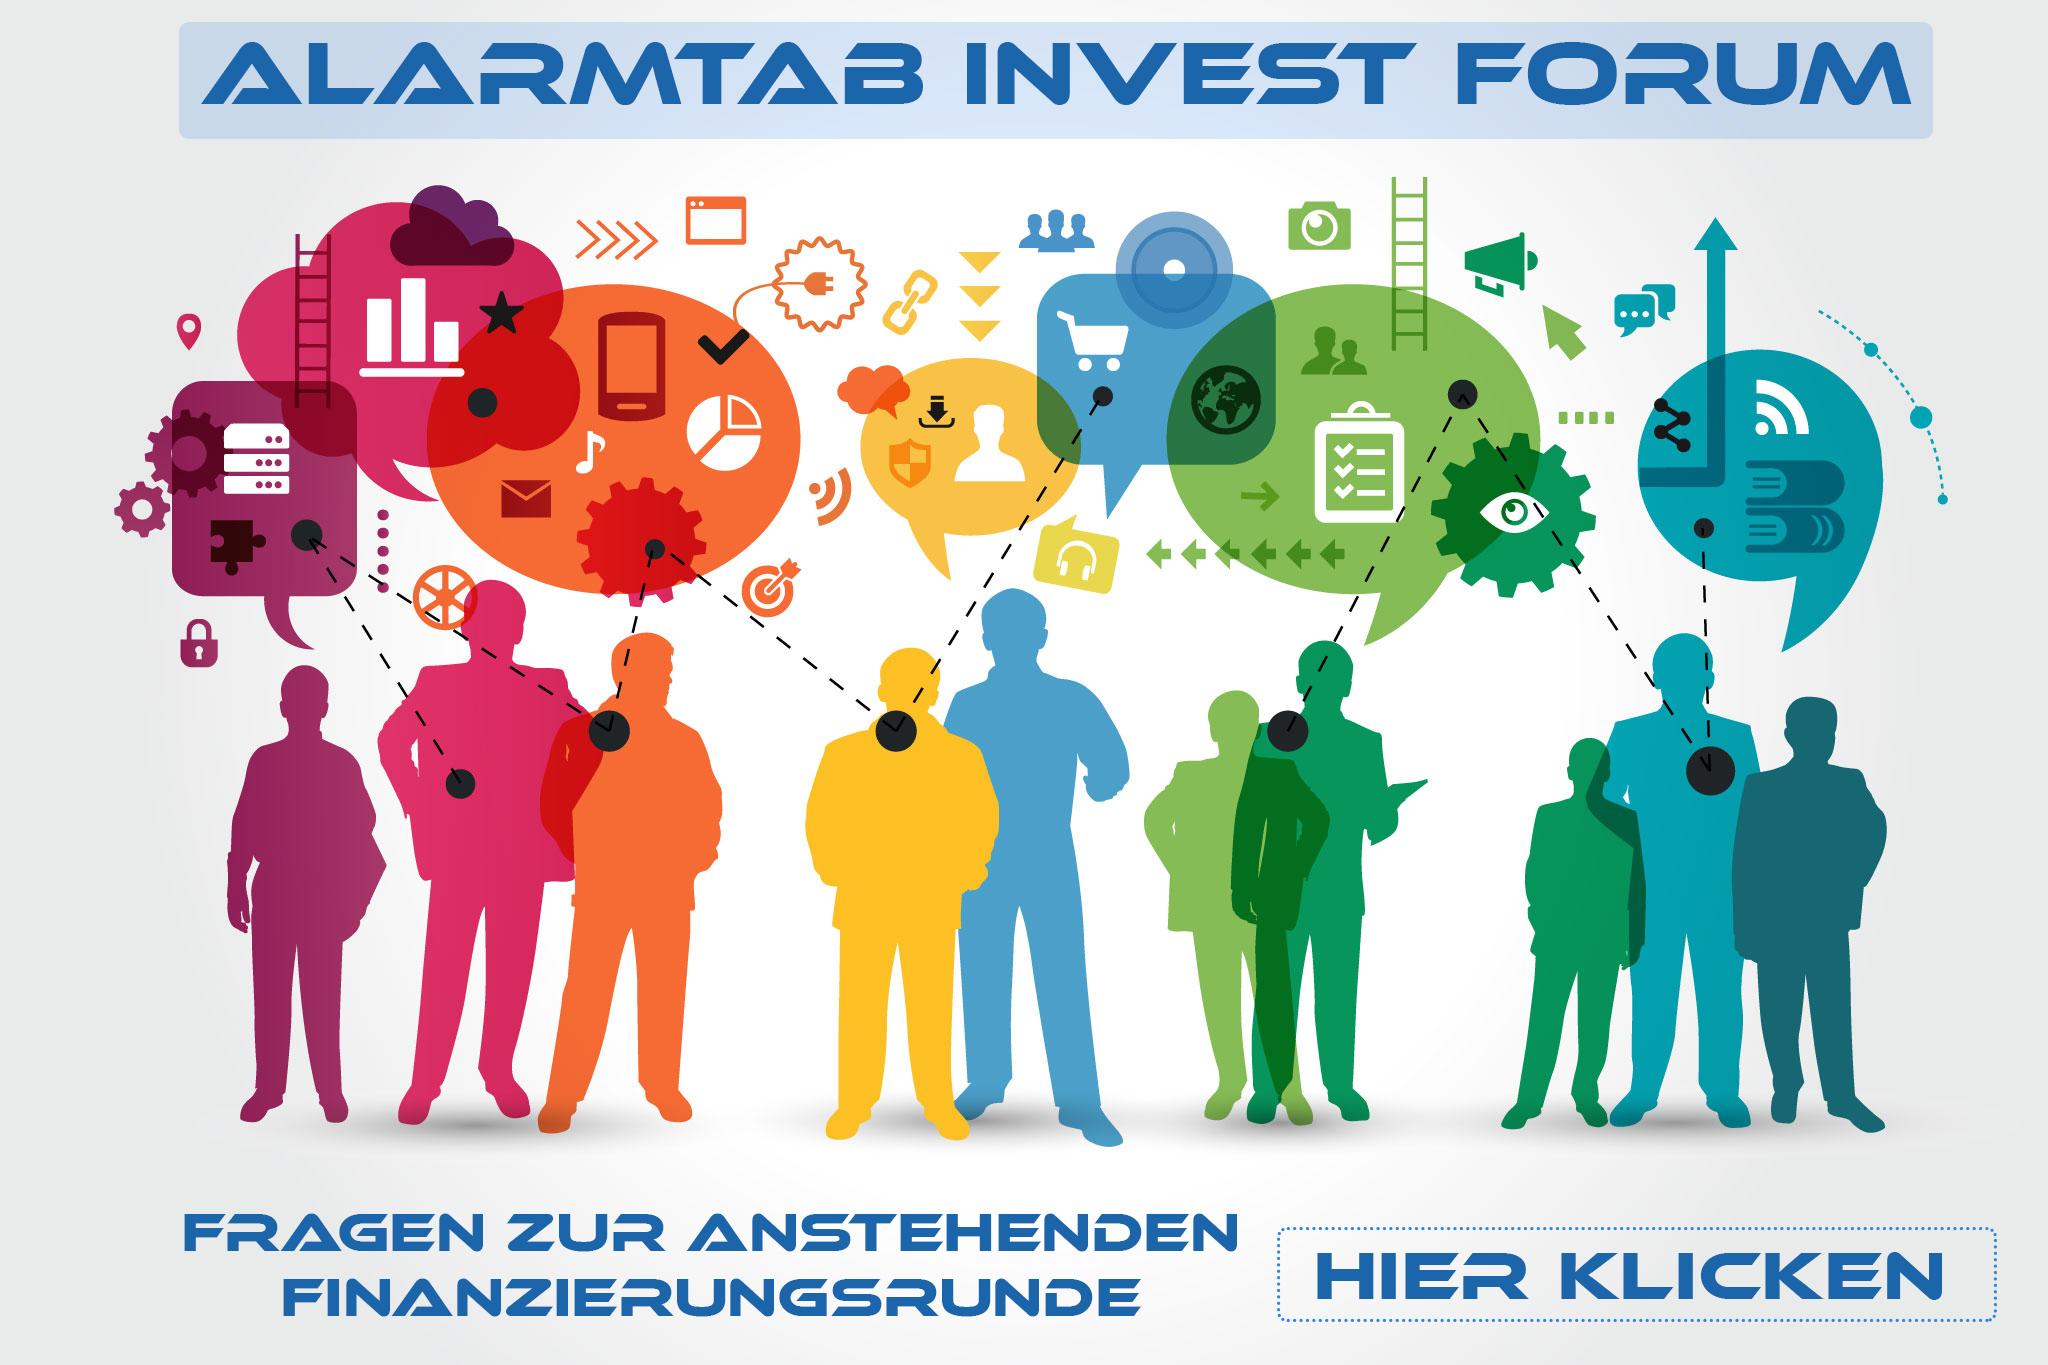 AlarmTab Invest forum